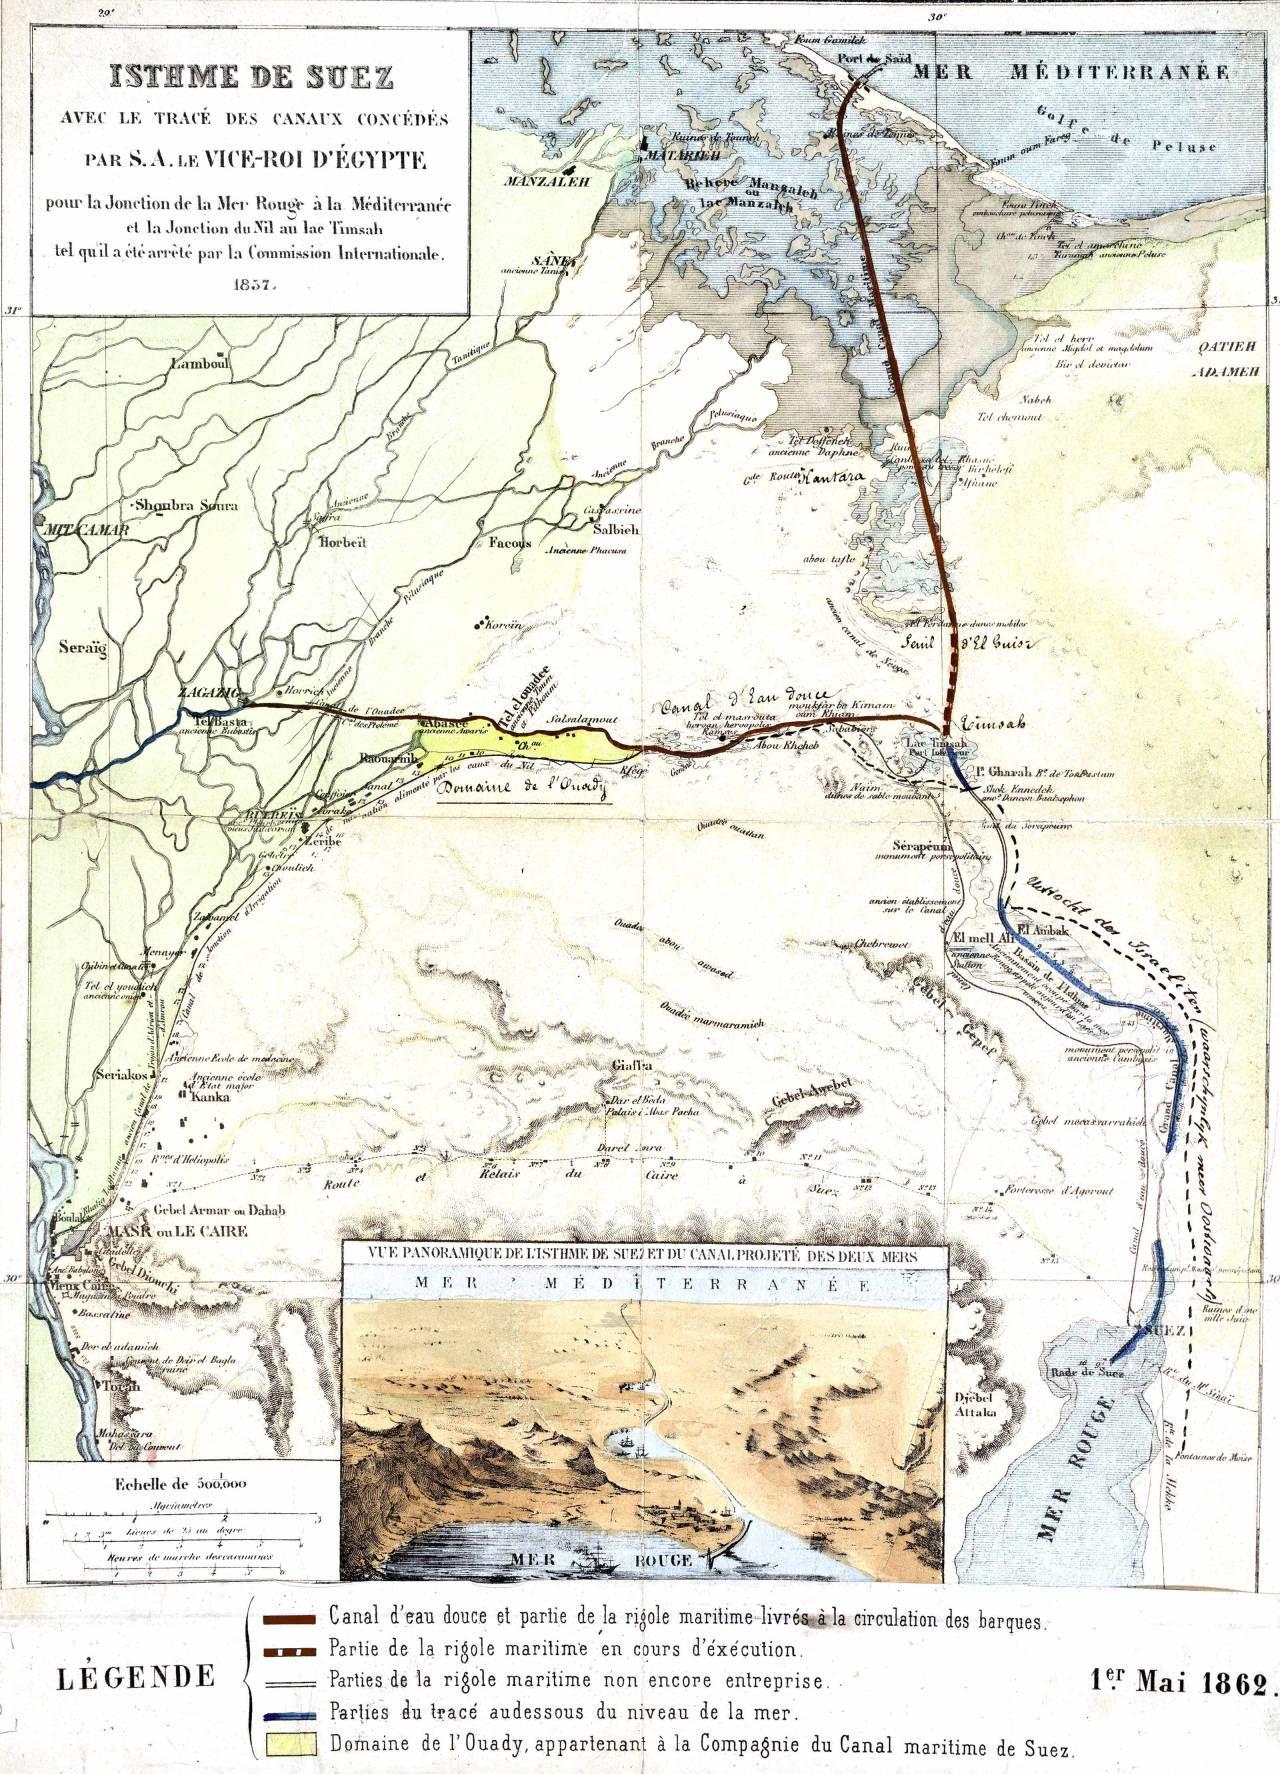 avec le tracé des canaux concédés par S.A. le Vice-Roi d'Égypte